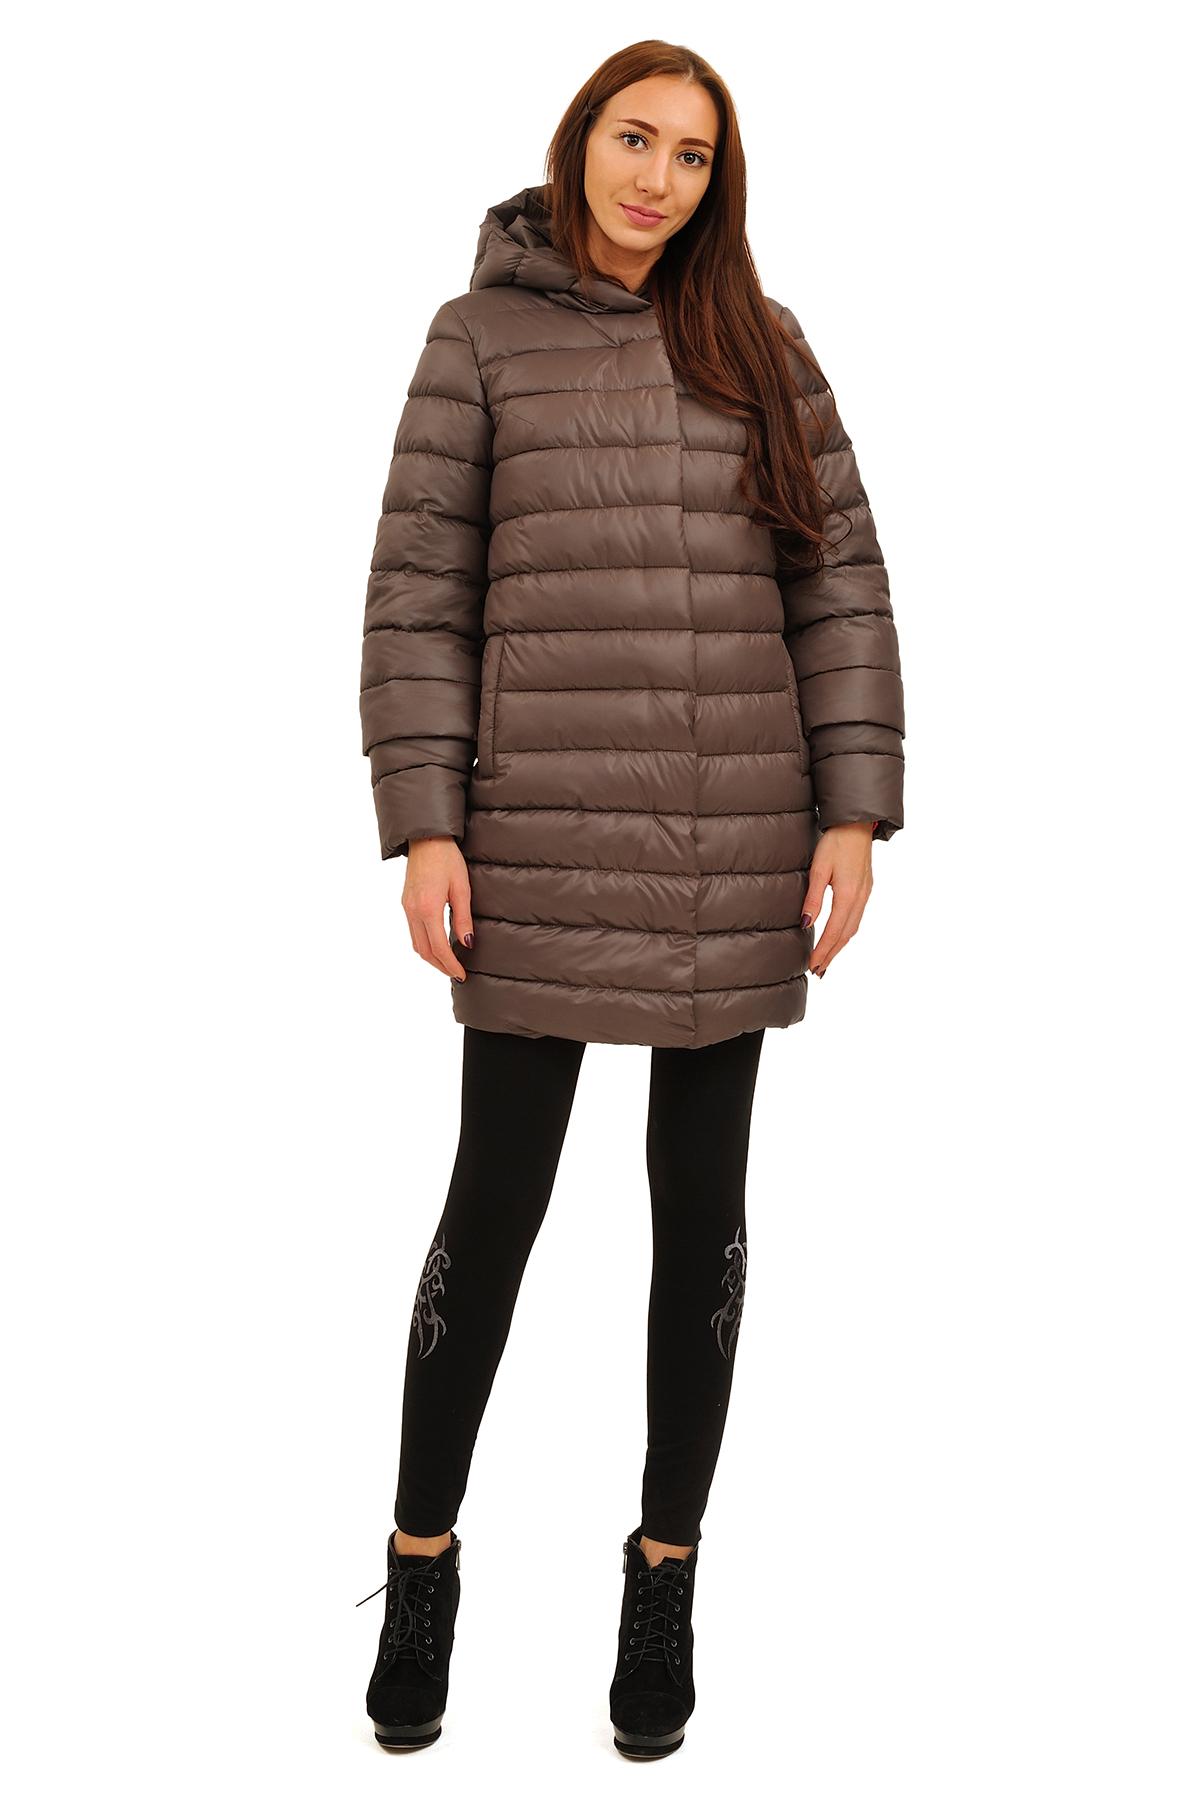 ПальтоЗимние куртки, пальто, пуховики<br>В холодный зимний день очень важно ощущение тепла и комфорта. Это тепло может подарить Вам это очаровательное полупальто. модель прекрасно сидит по фигуре. Оригинальность пальто заключается в модной яркой расцветке.<br><br>Цвет: коричневый<br>Состав: 100% полиэстер Подкладка: 100% полиэстер Утеплитель:  синтепух<br>Размер: 44,46,48,50,52,54<br>Страна дизайна: Россия<br>Страна производства: Россия